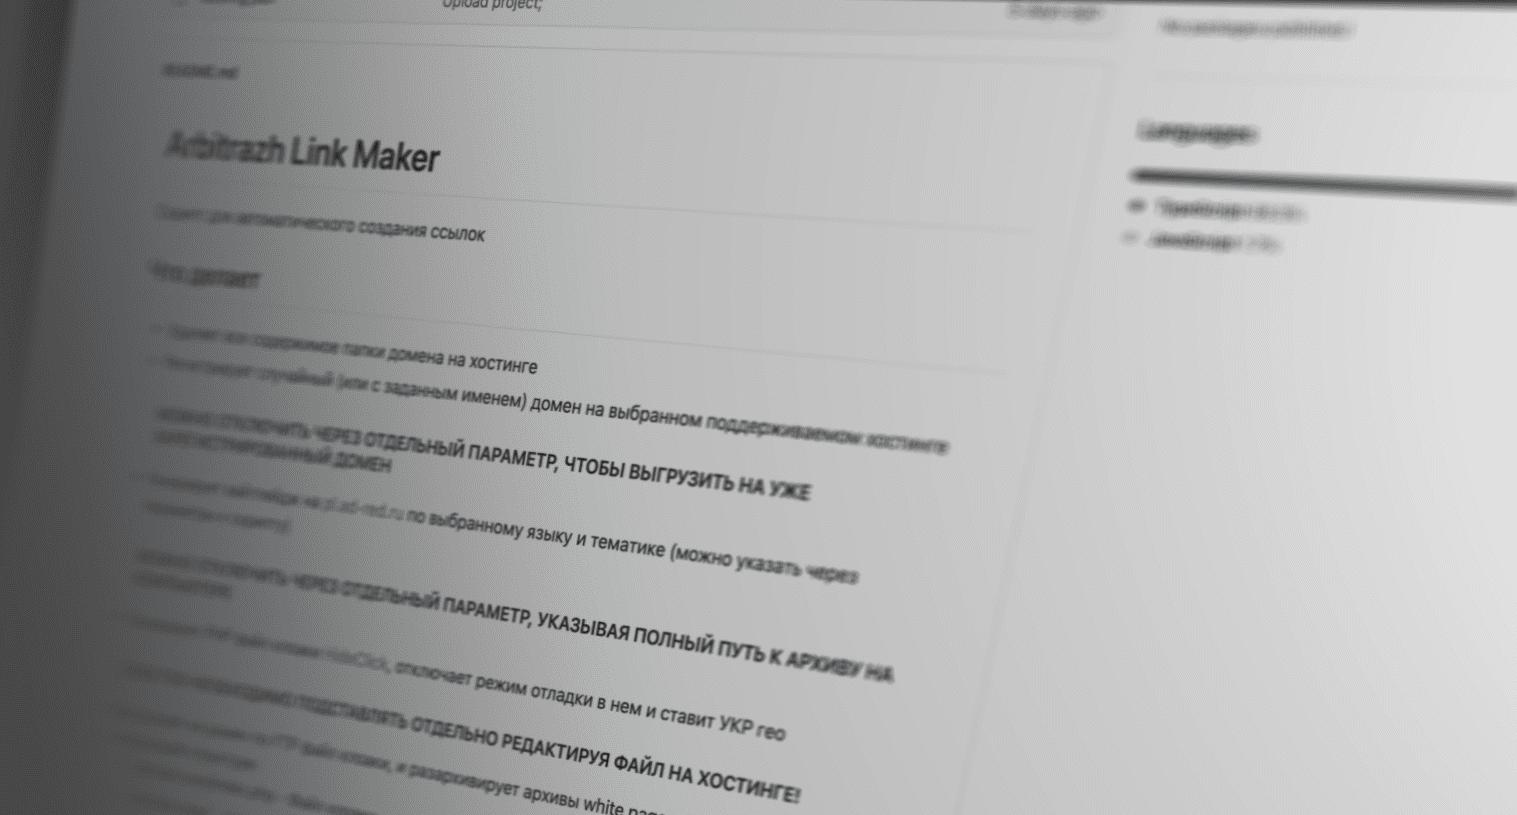 Скрипт для автоматического создания ссылок